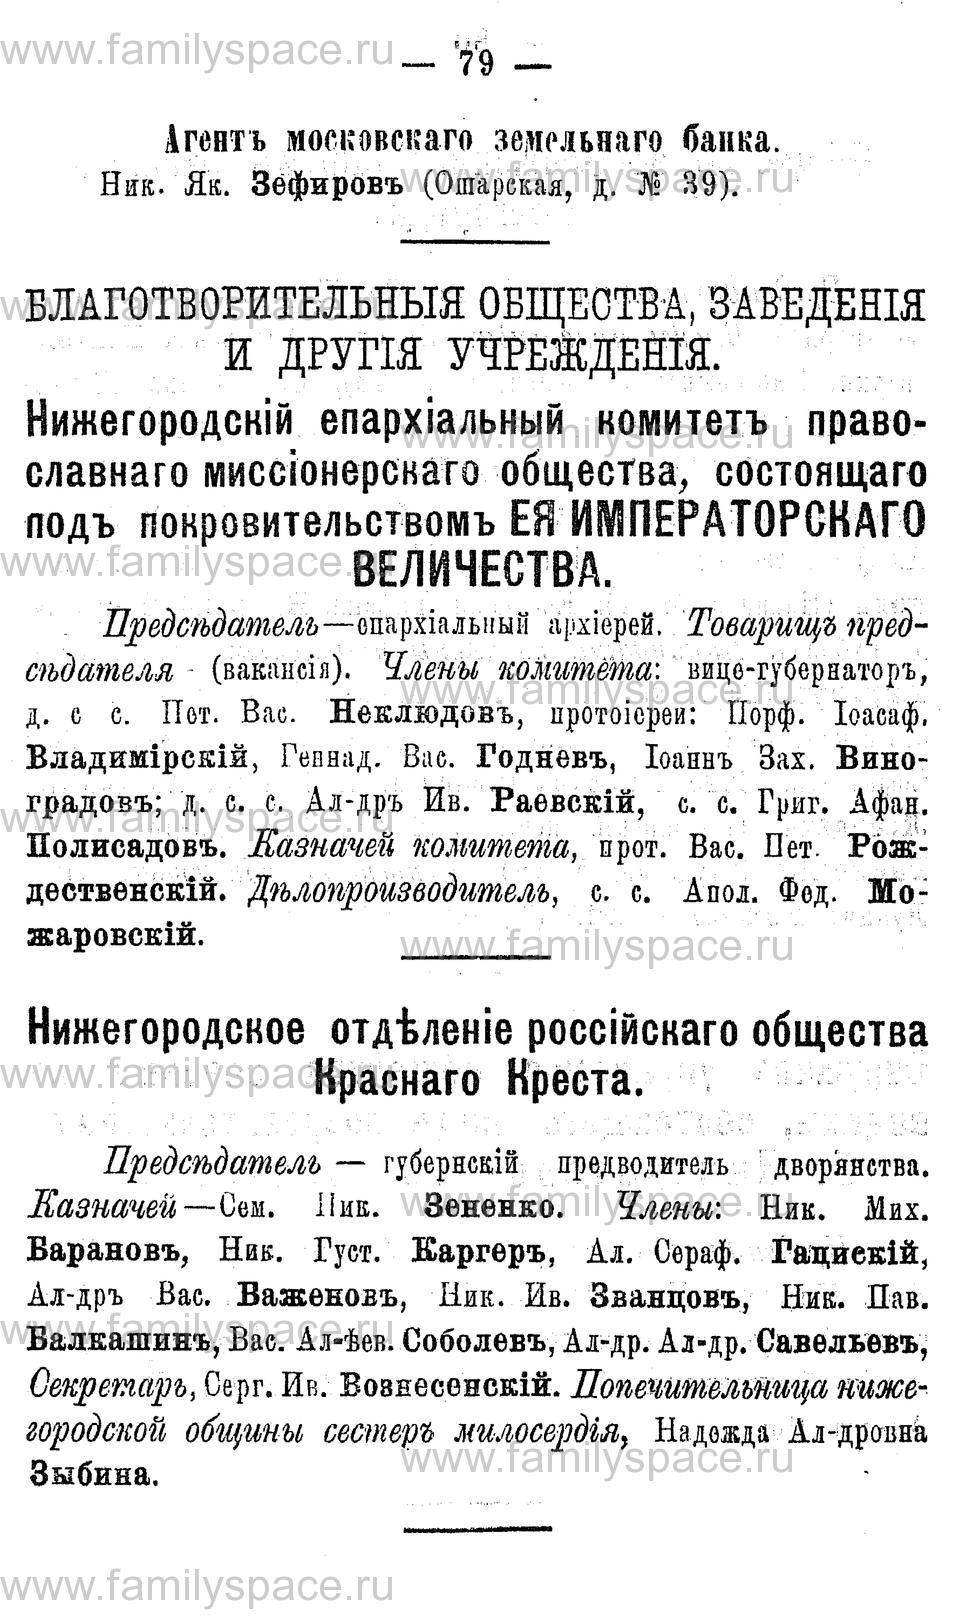 Поиск по фамилии - Адрес-календарь Нижегородской губернии на 1891 год, страница 79